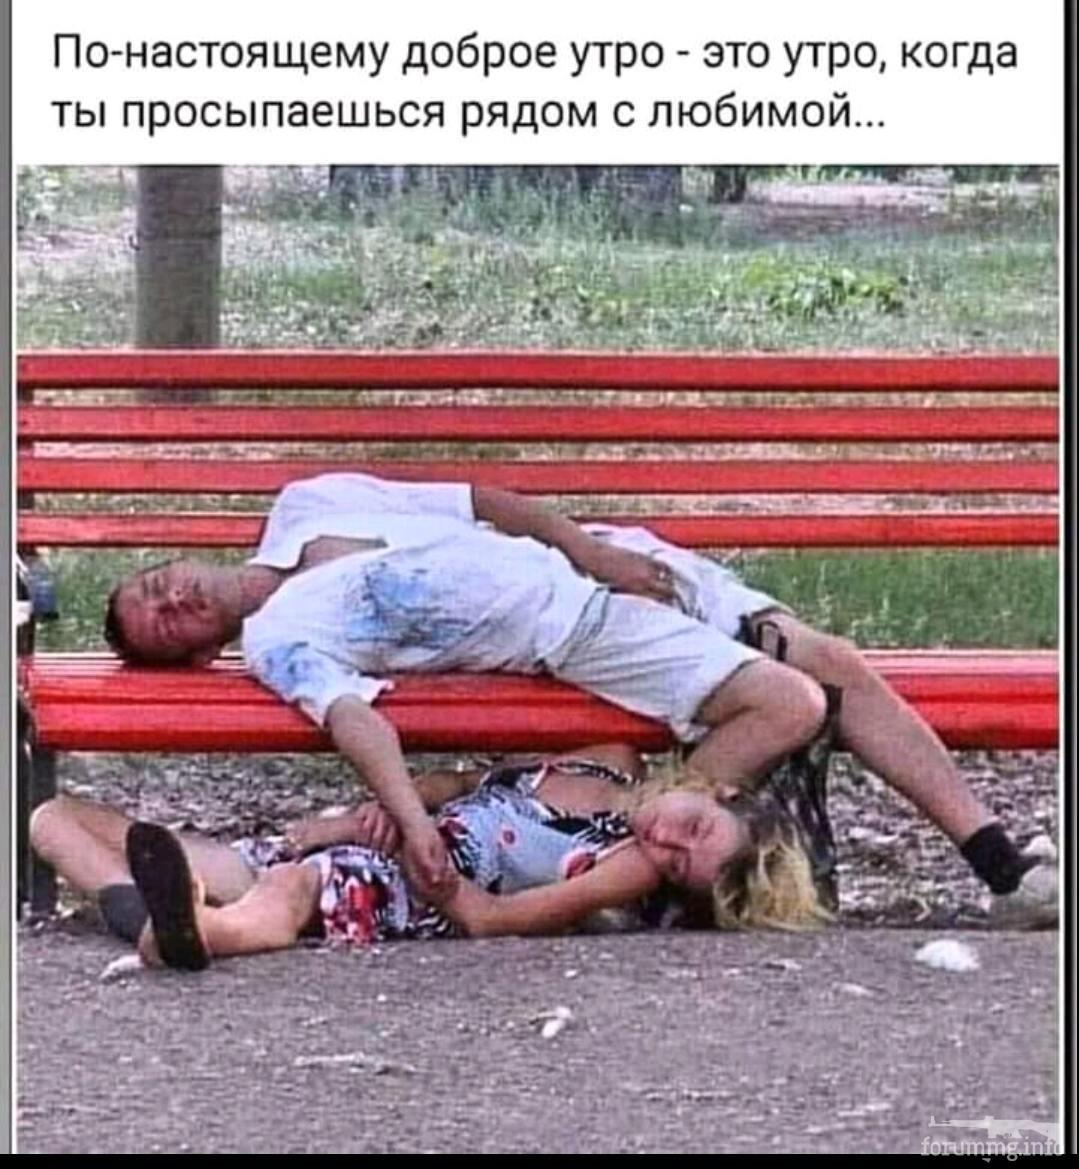 139767 - Пить или не пить? - пятничная алкогольная тема )))